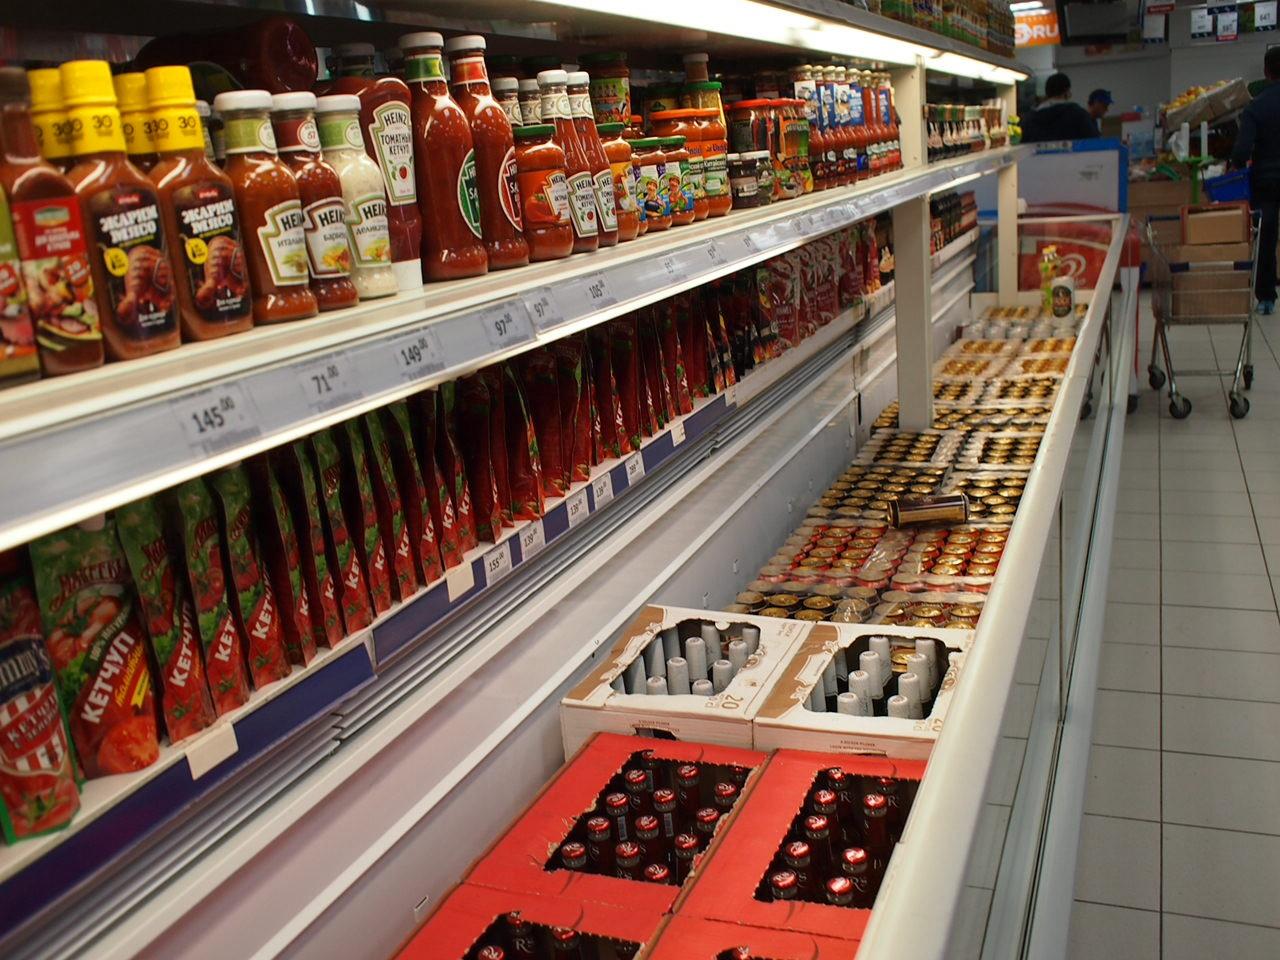 品不足が如実に表れてきたロシア 仕方ないのでスーパーの棚にケチャップばかり大量に並べる